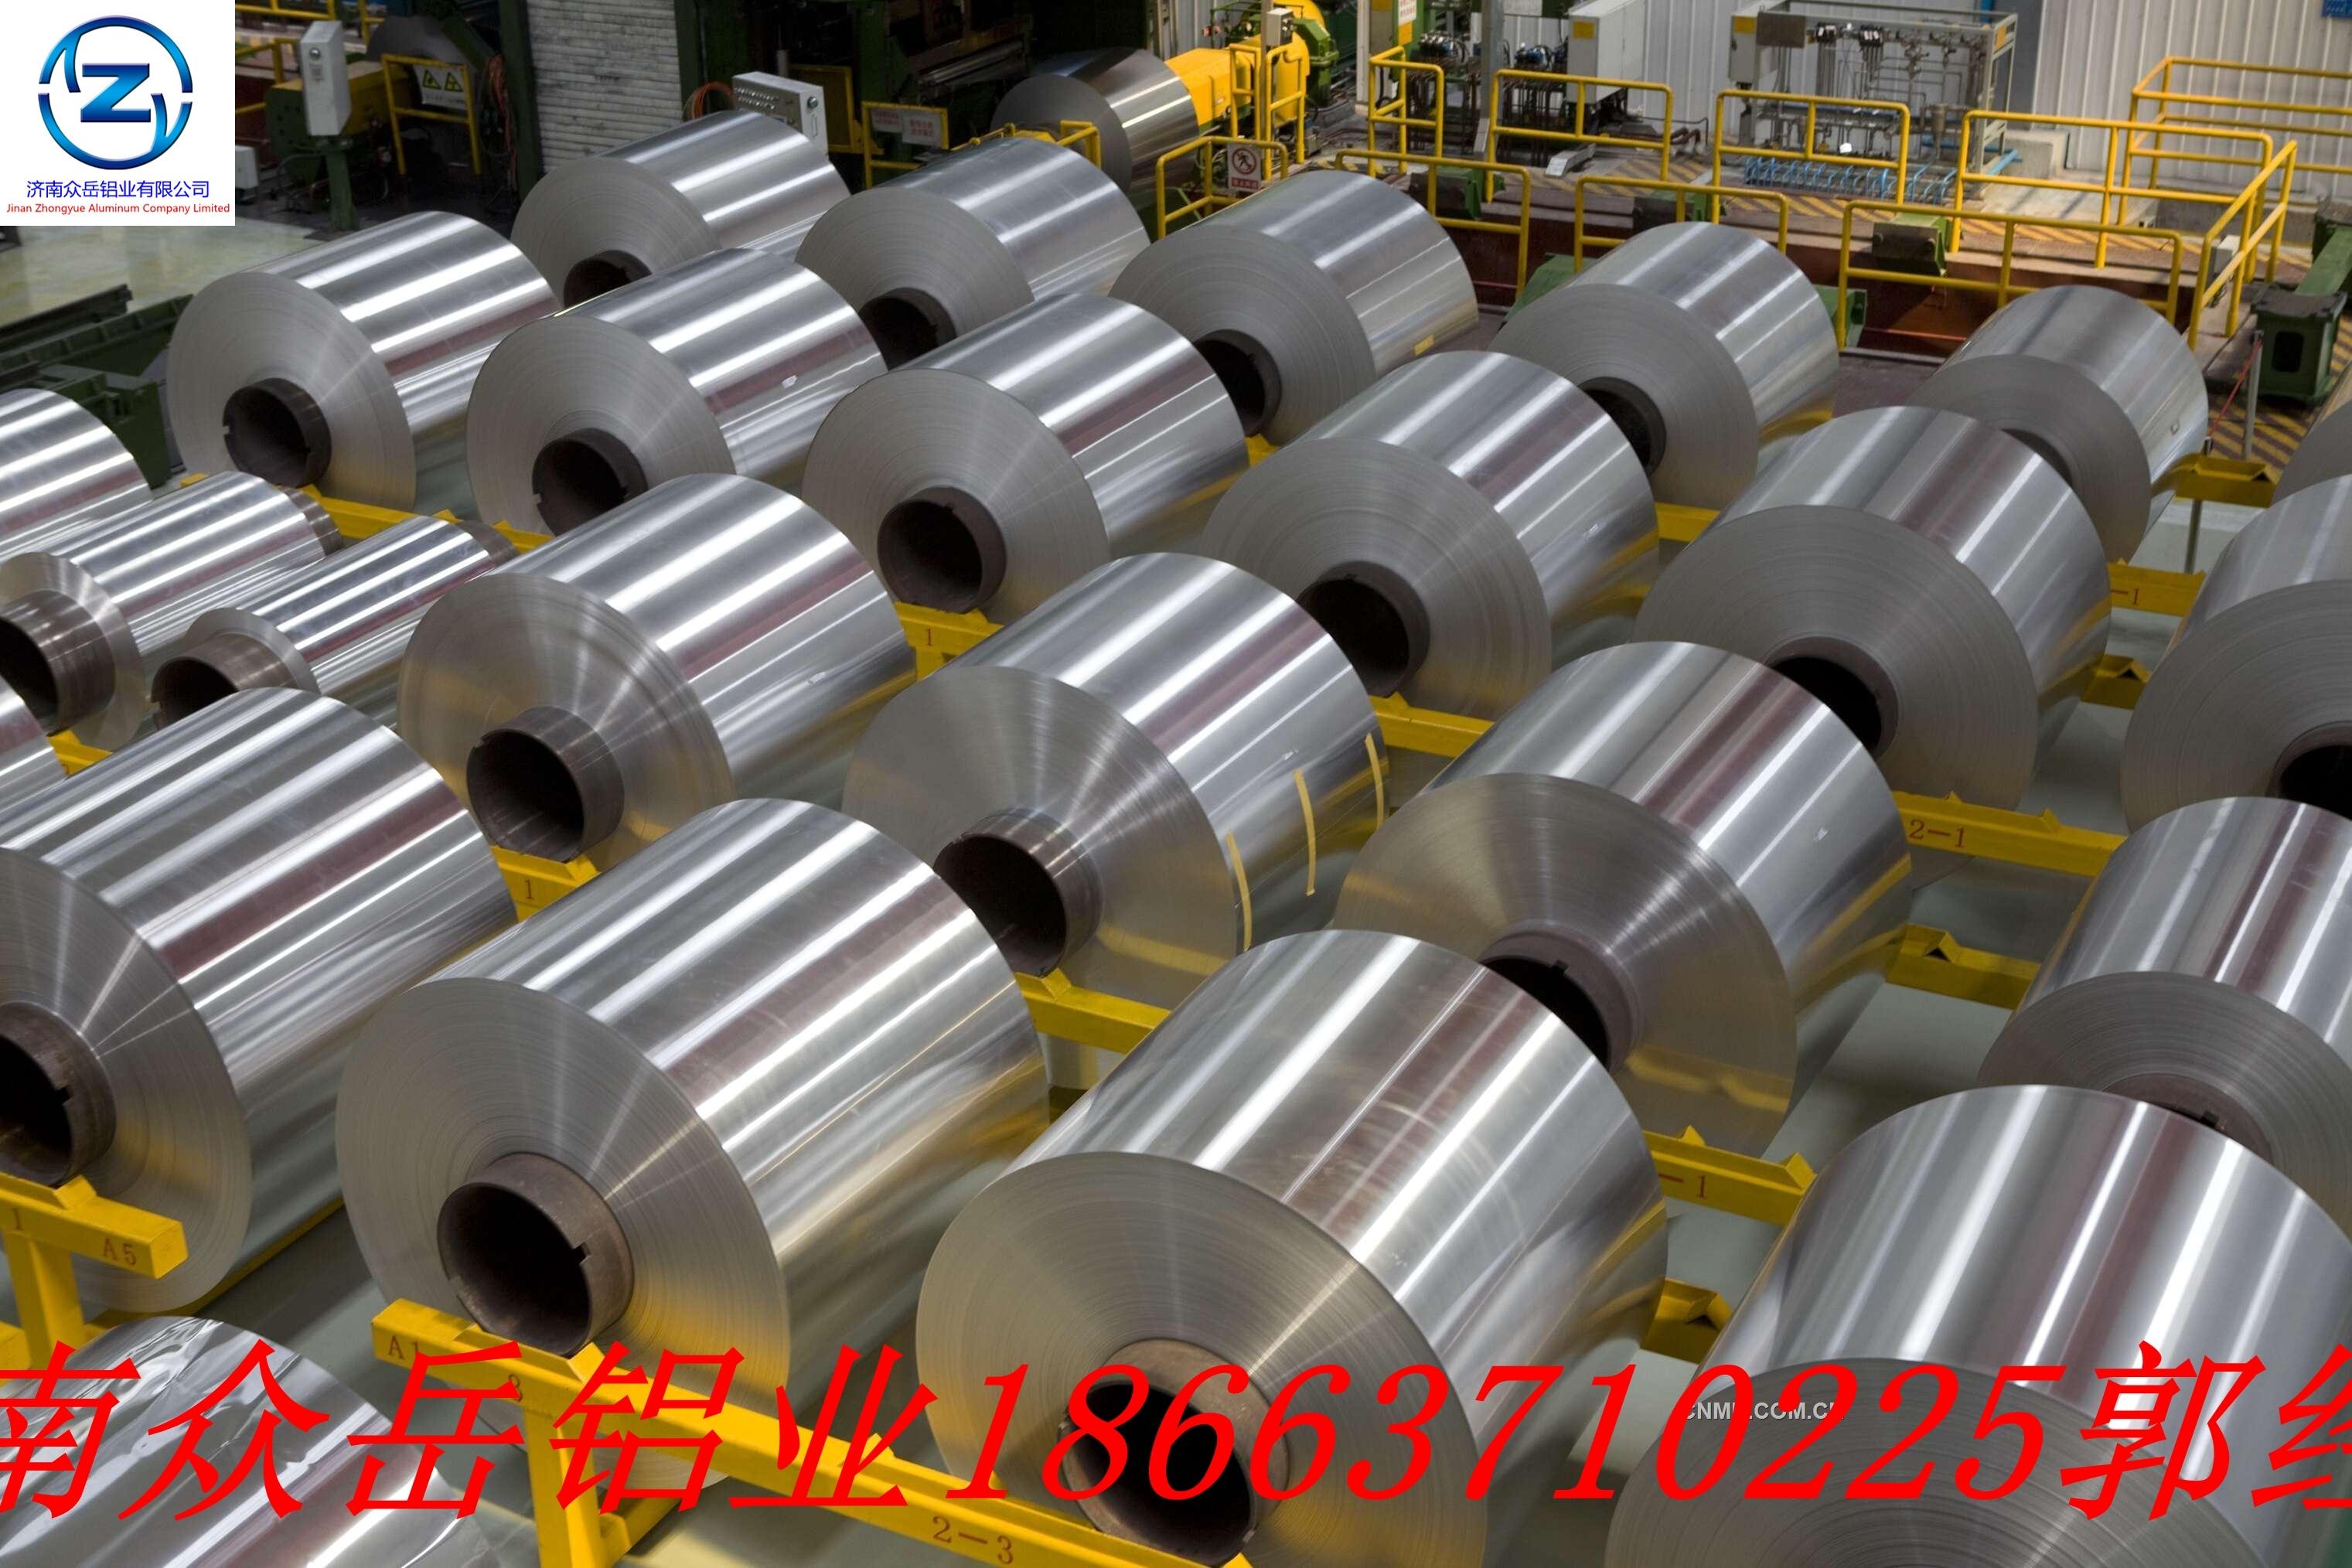 2, 铝箔是由《纯铝和铝镁锌铜合金, 属于超 硬铝合金》1060 8011适用